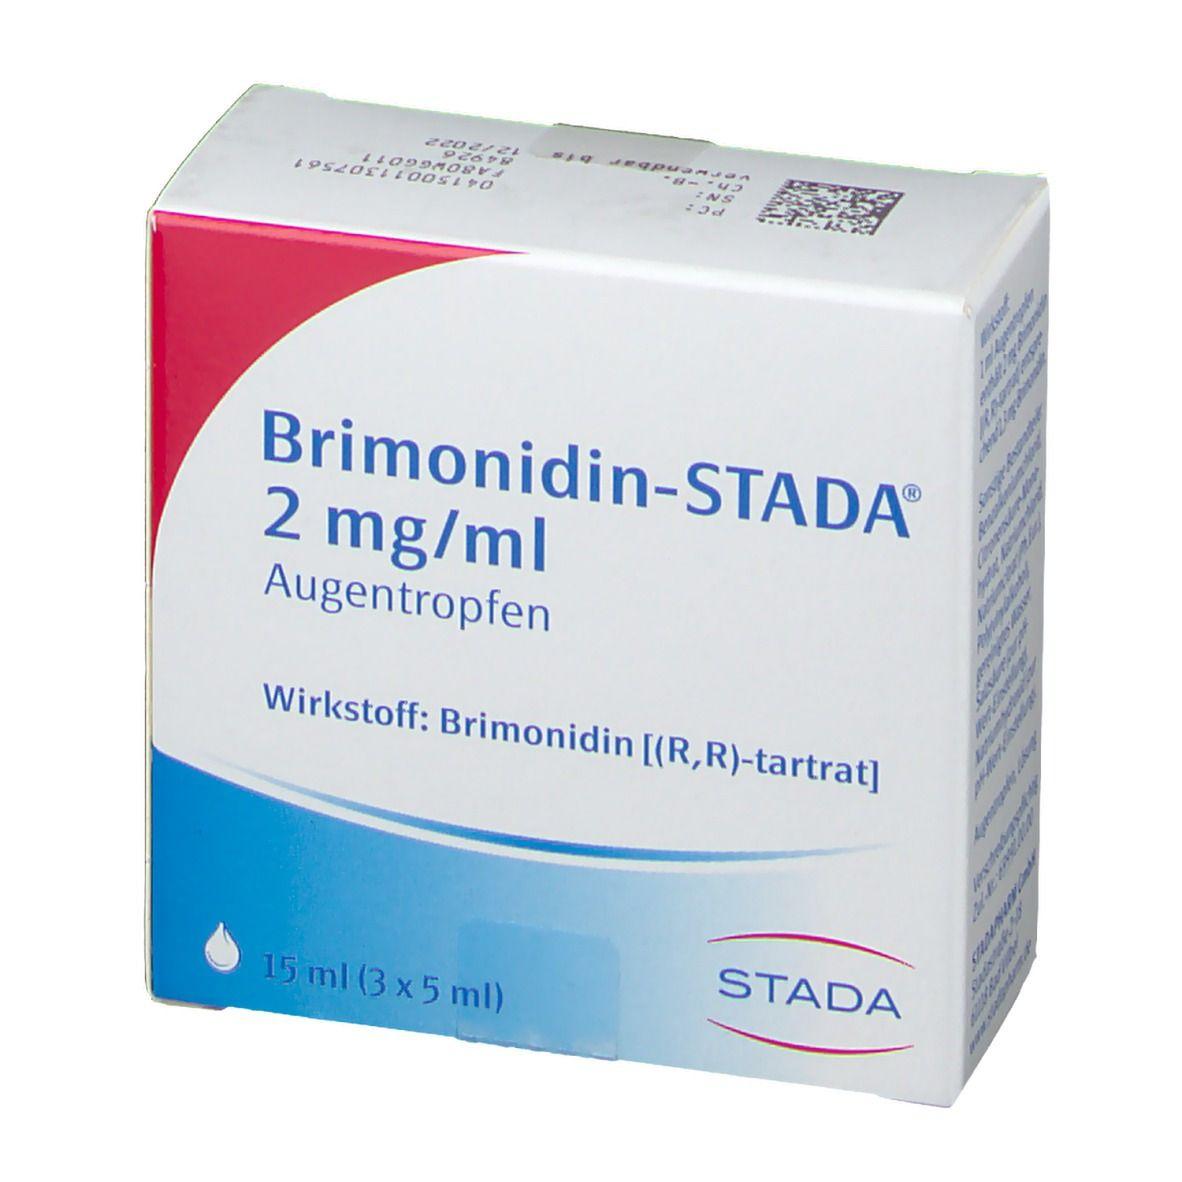 Brimonidin STADA® 2 mg/ml Augentropfen